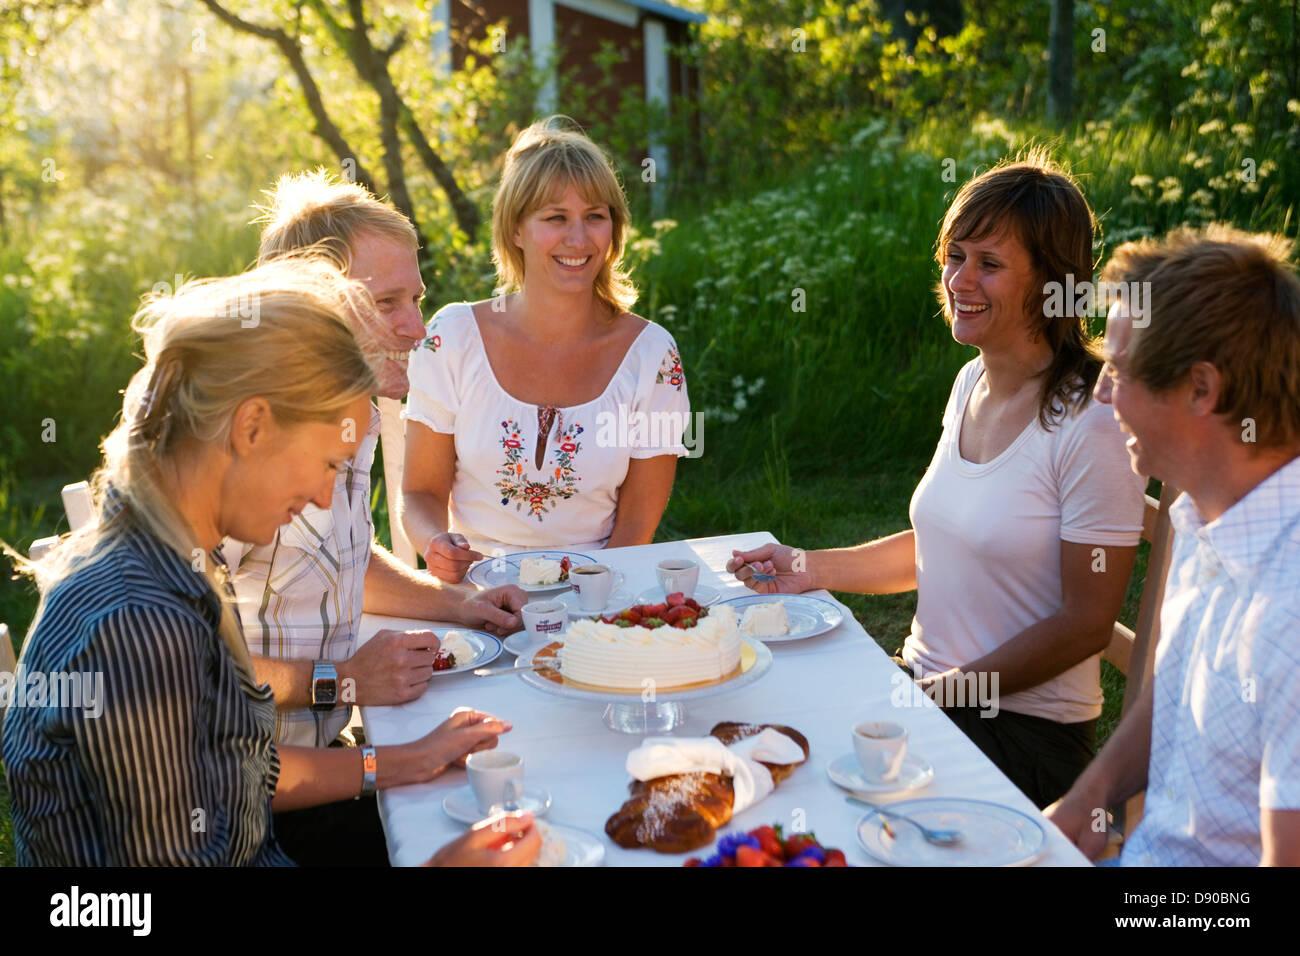 Cinq amis avoir un gâteau, au milieu de l'archipel de Stockholm, Suède. Banque D'Images